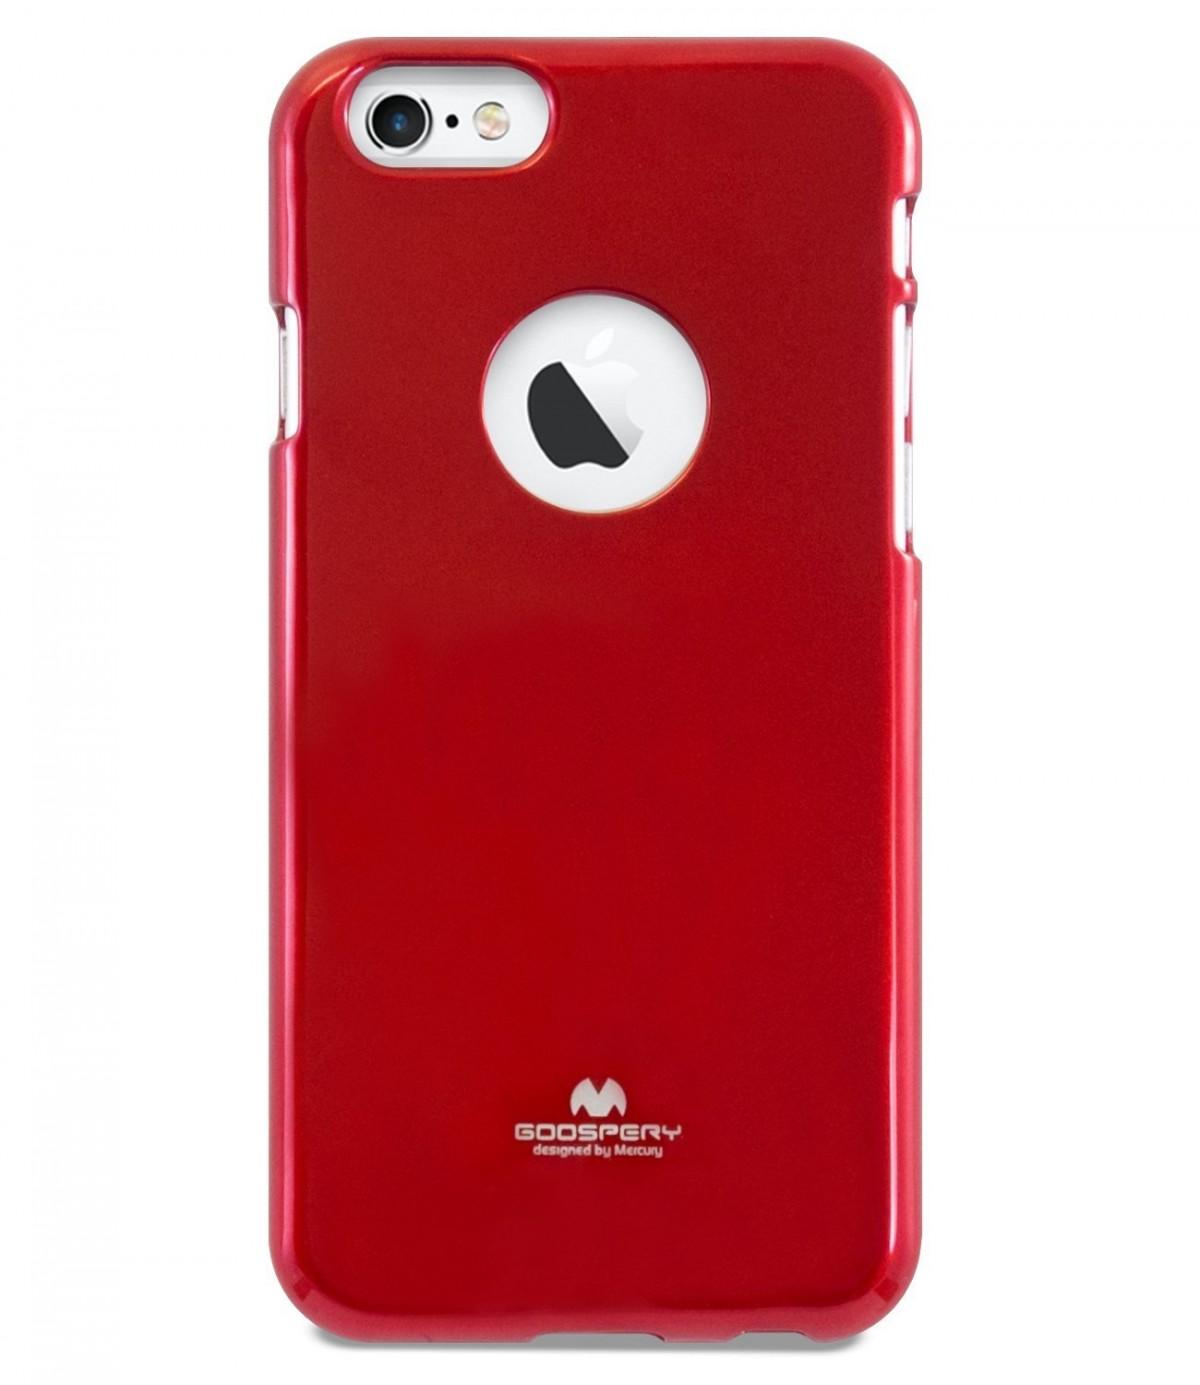 Tenké silikonové obaly / kryty Goospery Mercury pro Apple iPhone 6s/6 - Vínově červený / Vine